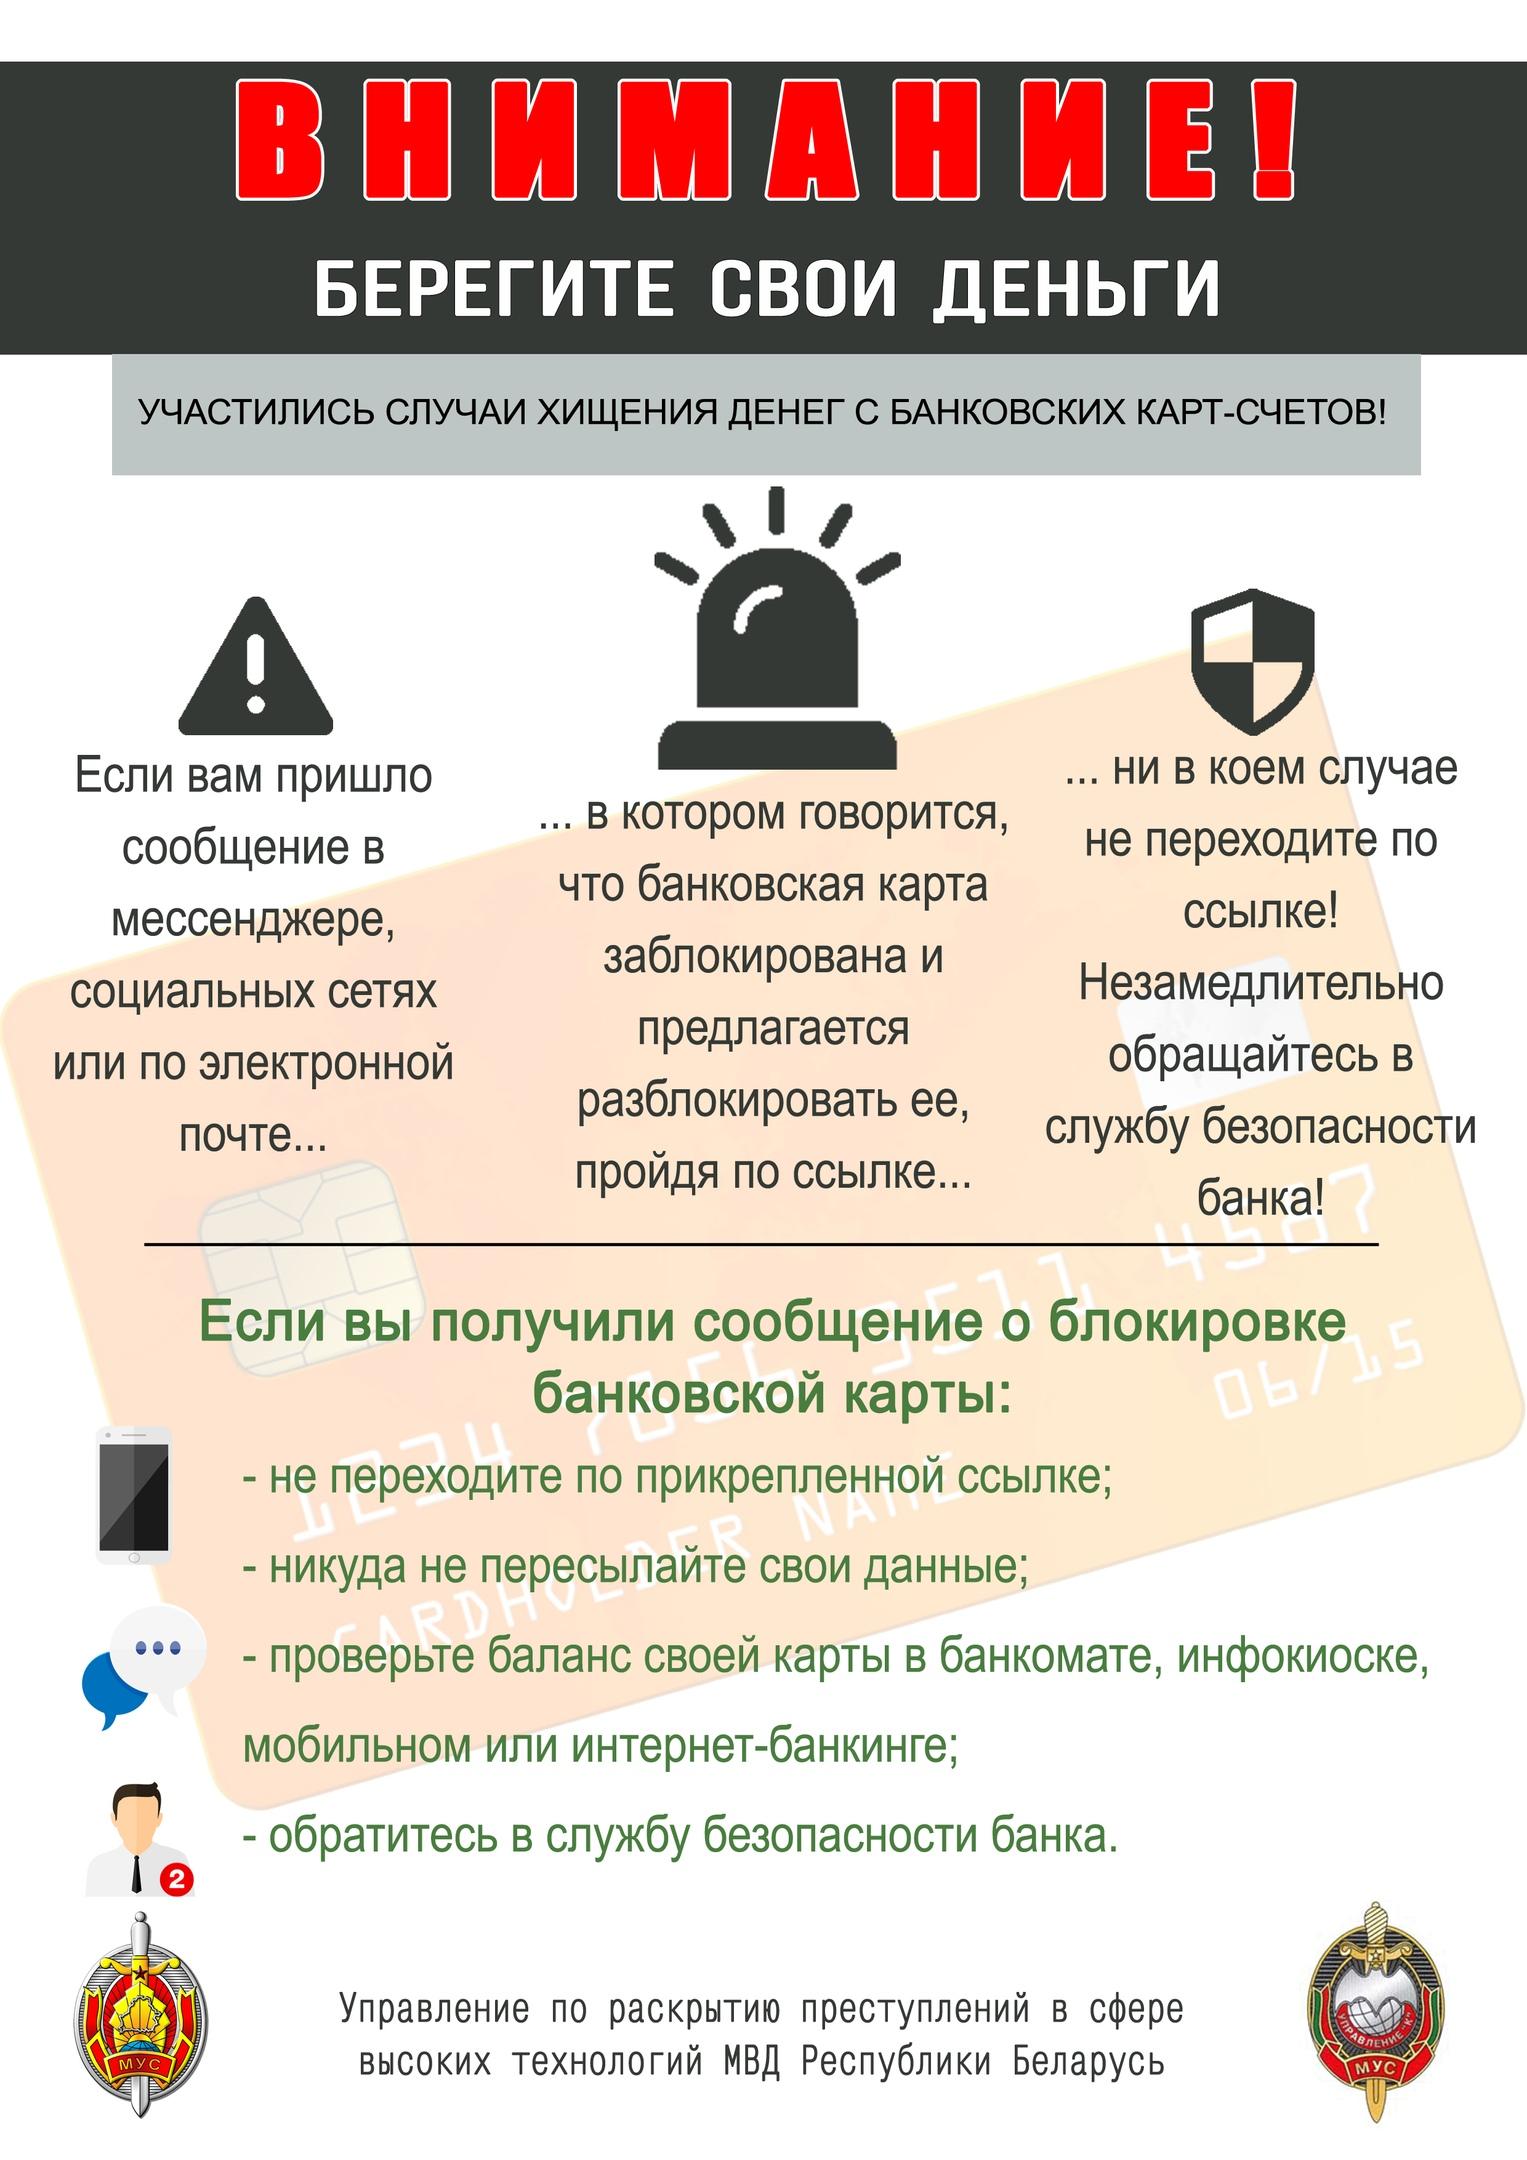 Как не стать жертвой киберпреступника